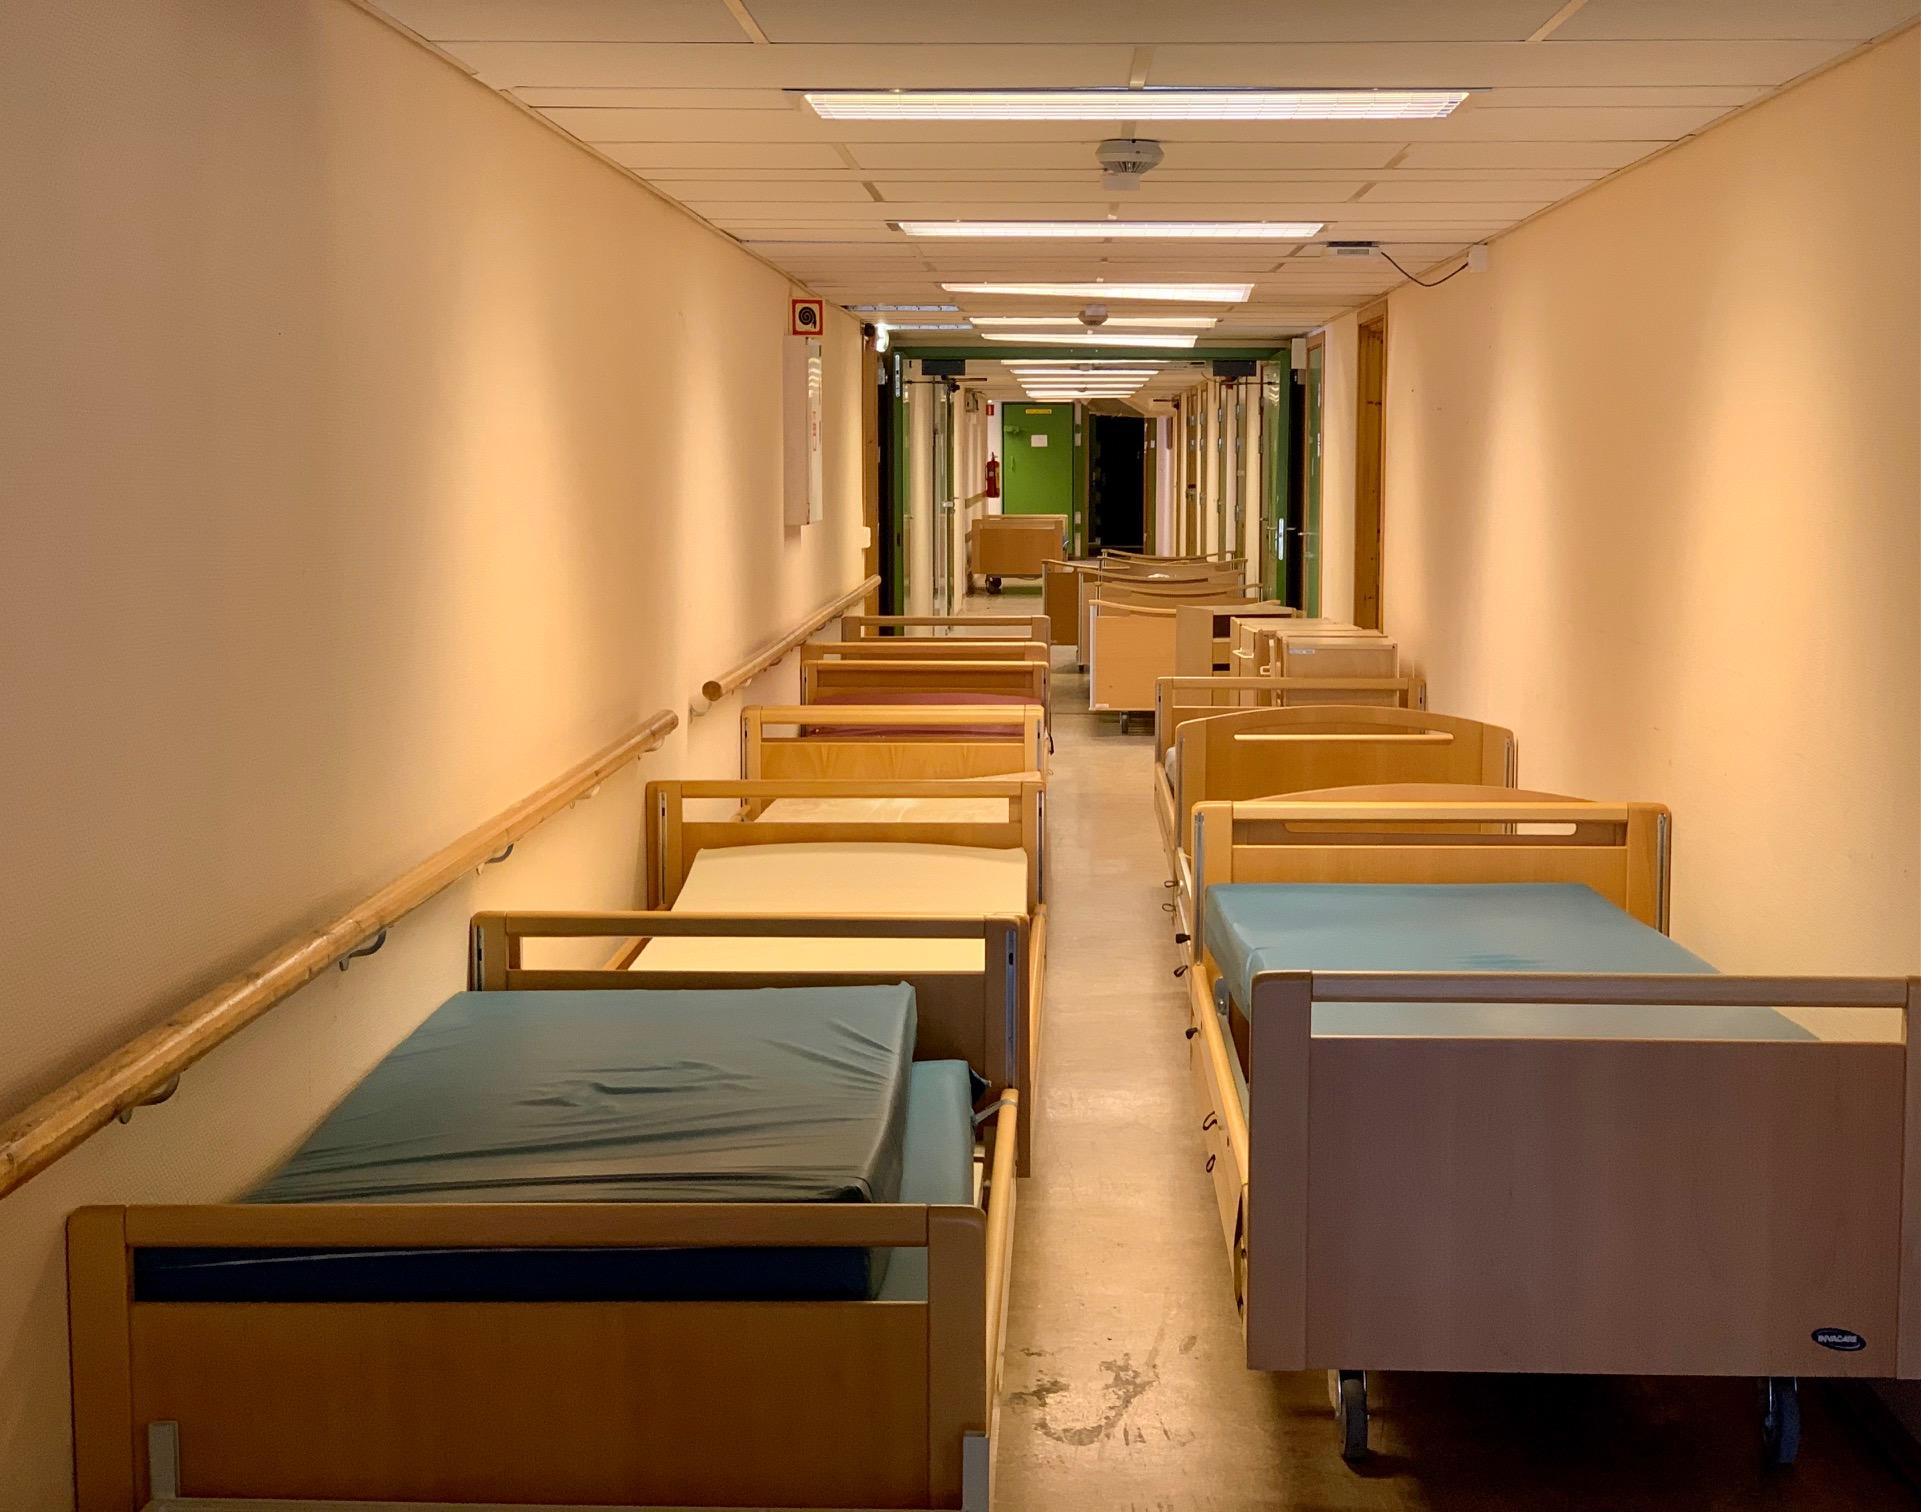 Mange senger i en korridor som skal sendes i container